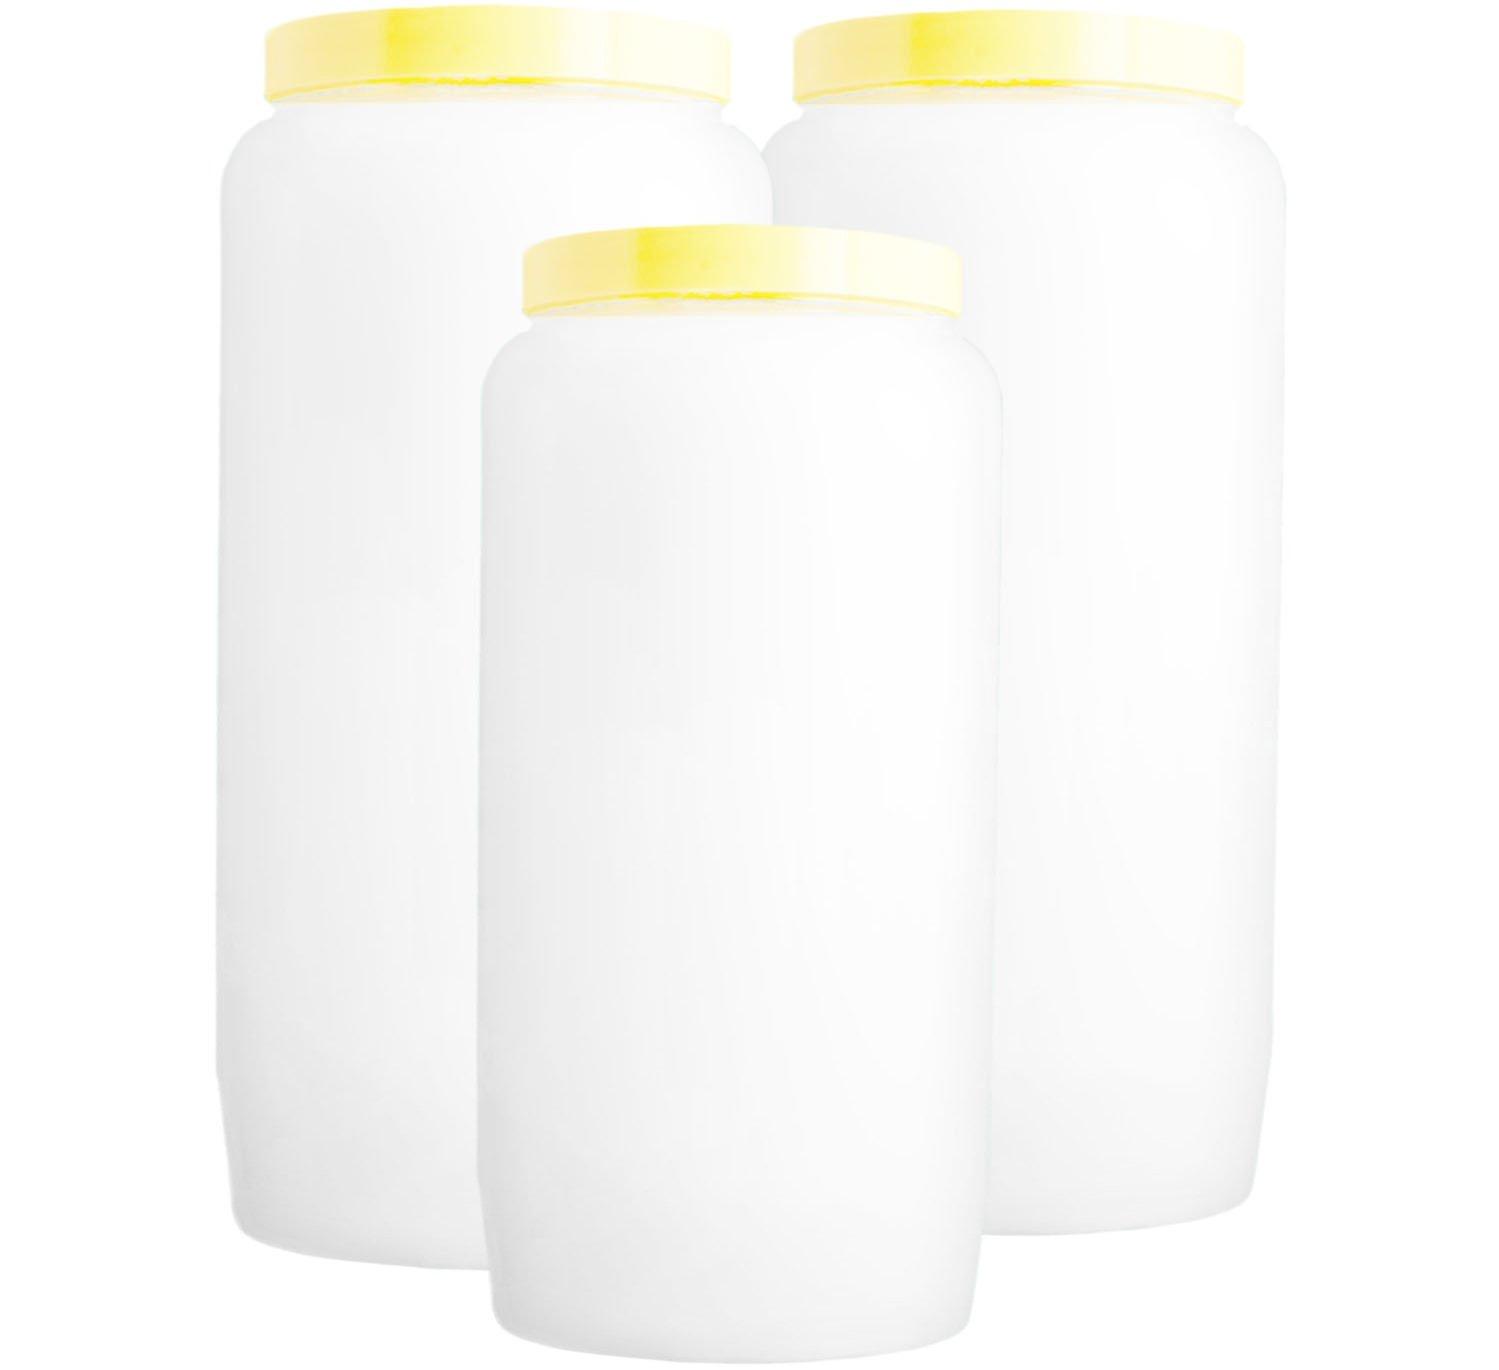 3 grandes bougies 100% végétale / 6 jours - BLANCHE Spaas